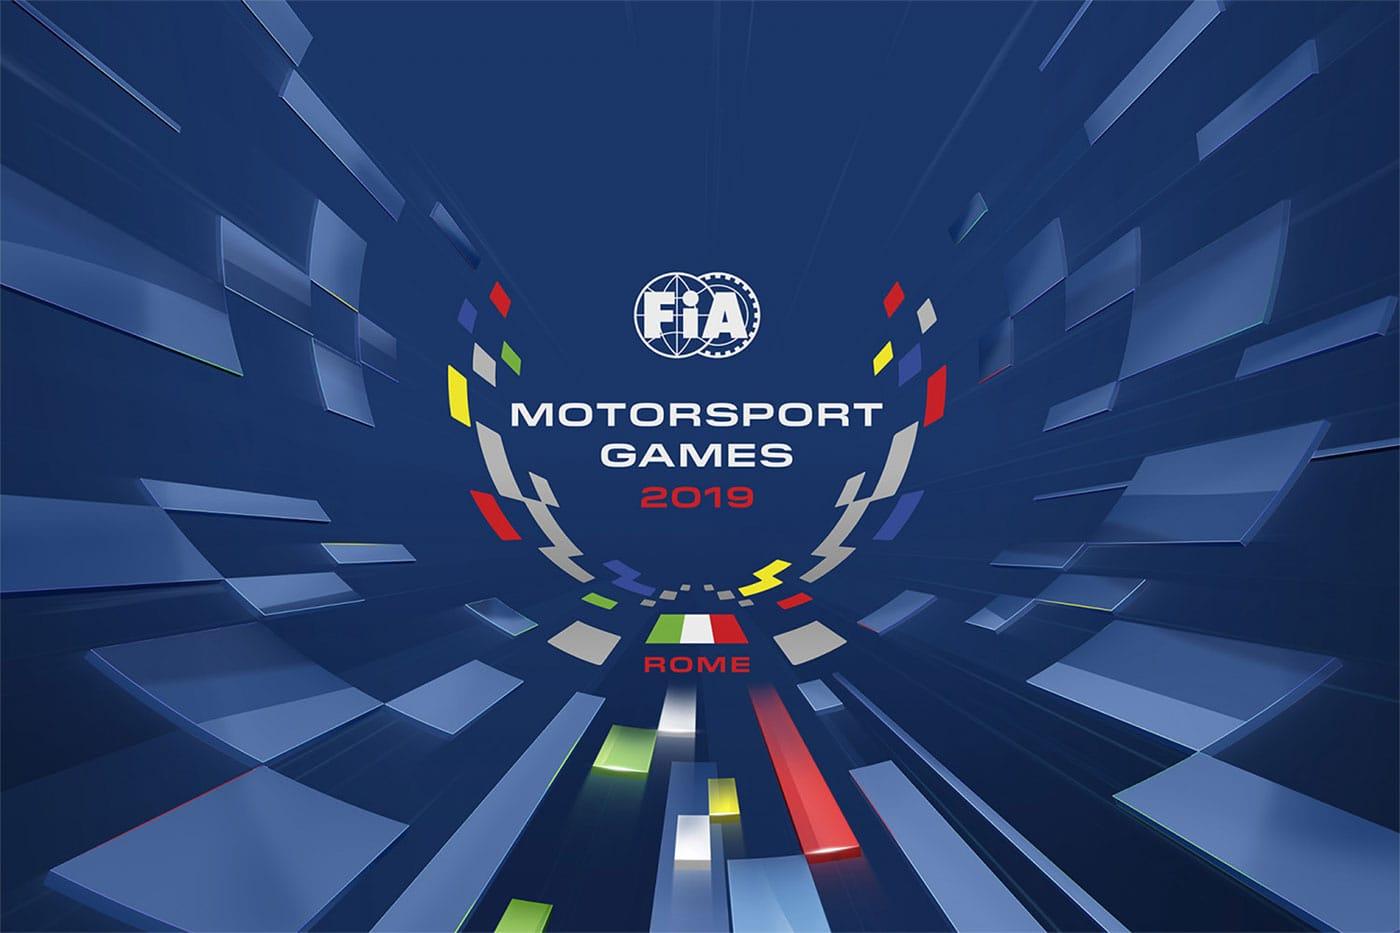 В рамках FIA Motorsport Games проведут киберспортивный турнир